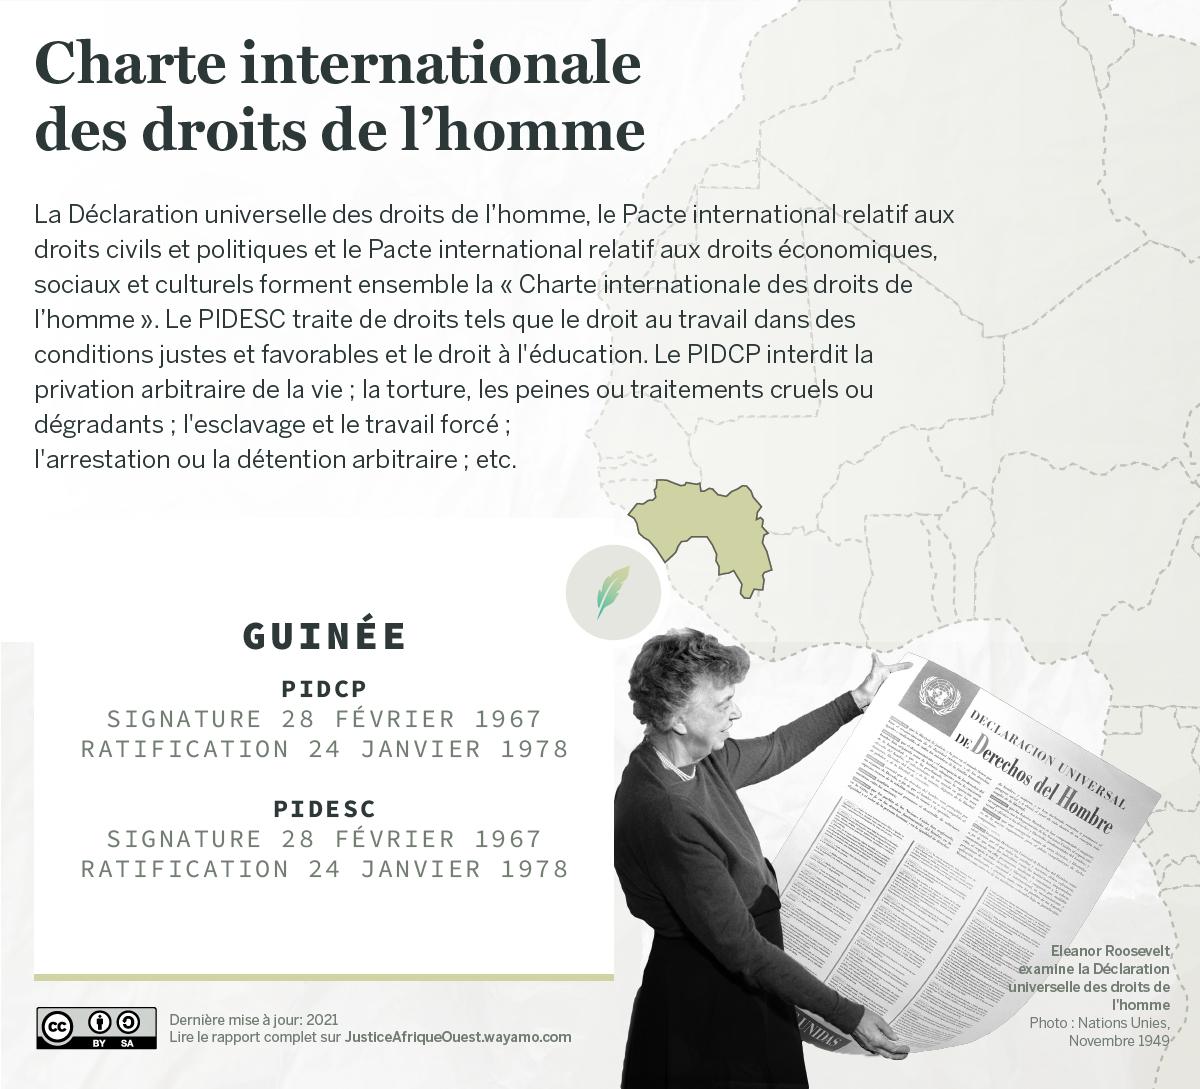 GUINEE_Charte internationale des droits de l'homme - Wayamo Foundation (CC BY-SA 4.0)